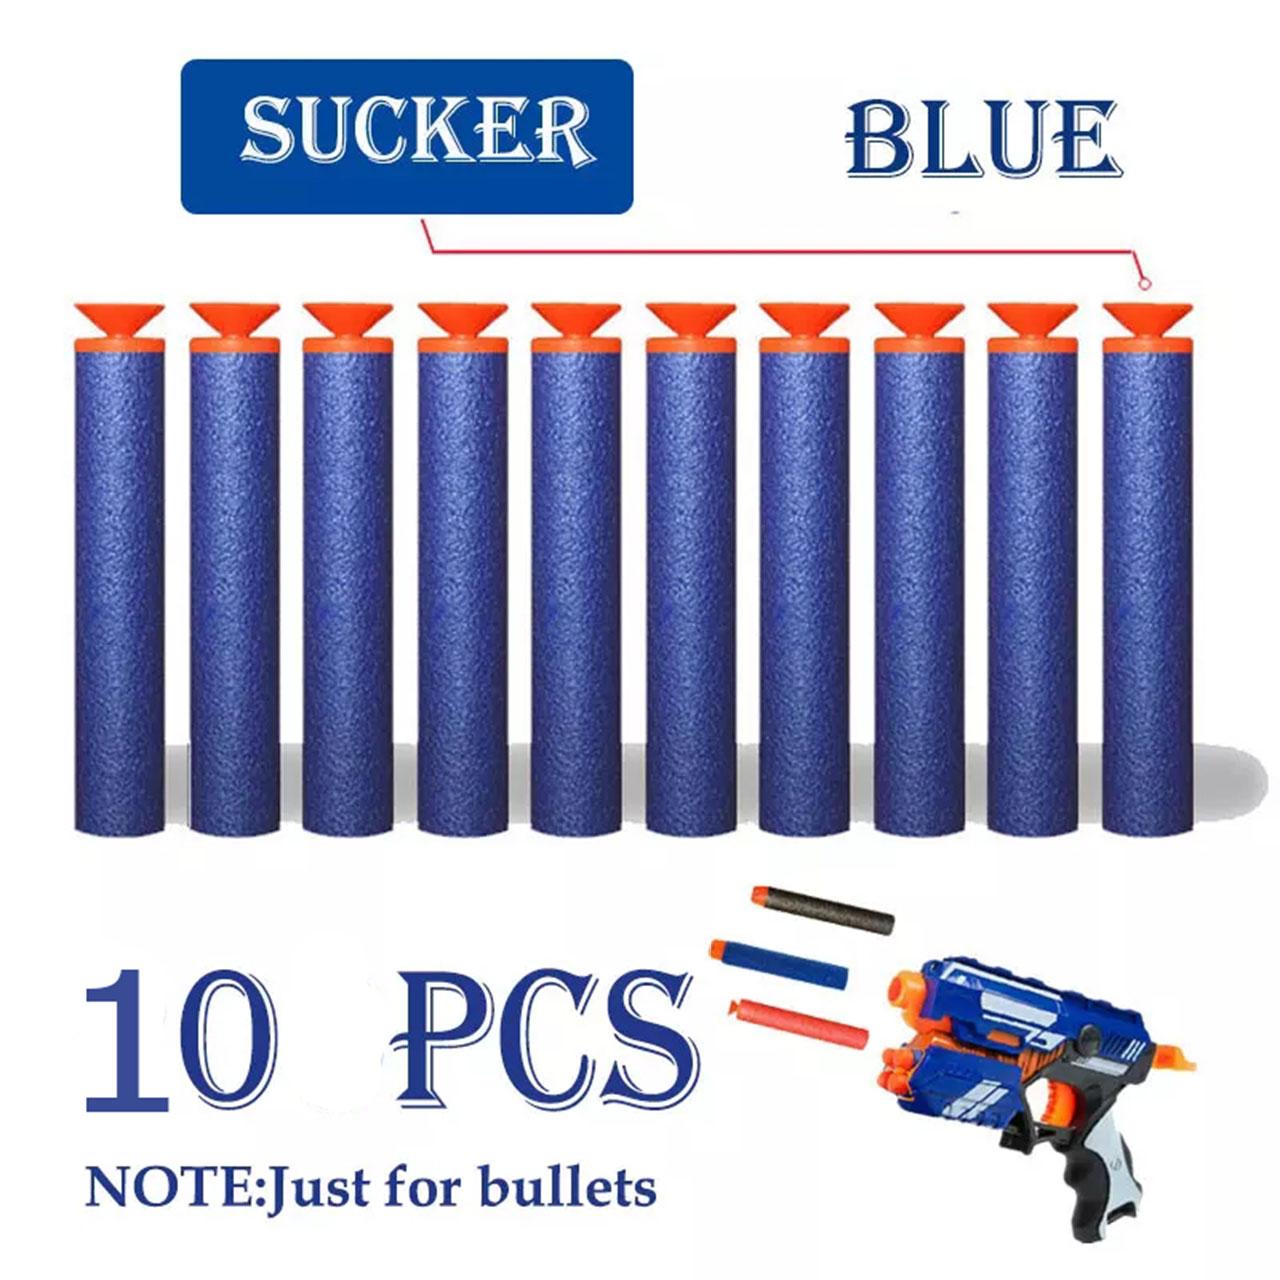 Đồ chơi đạn xốp mút kính dùng cho súng NEFT - Vỉ 10 viên